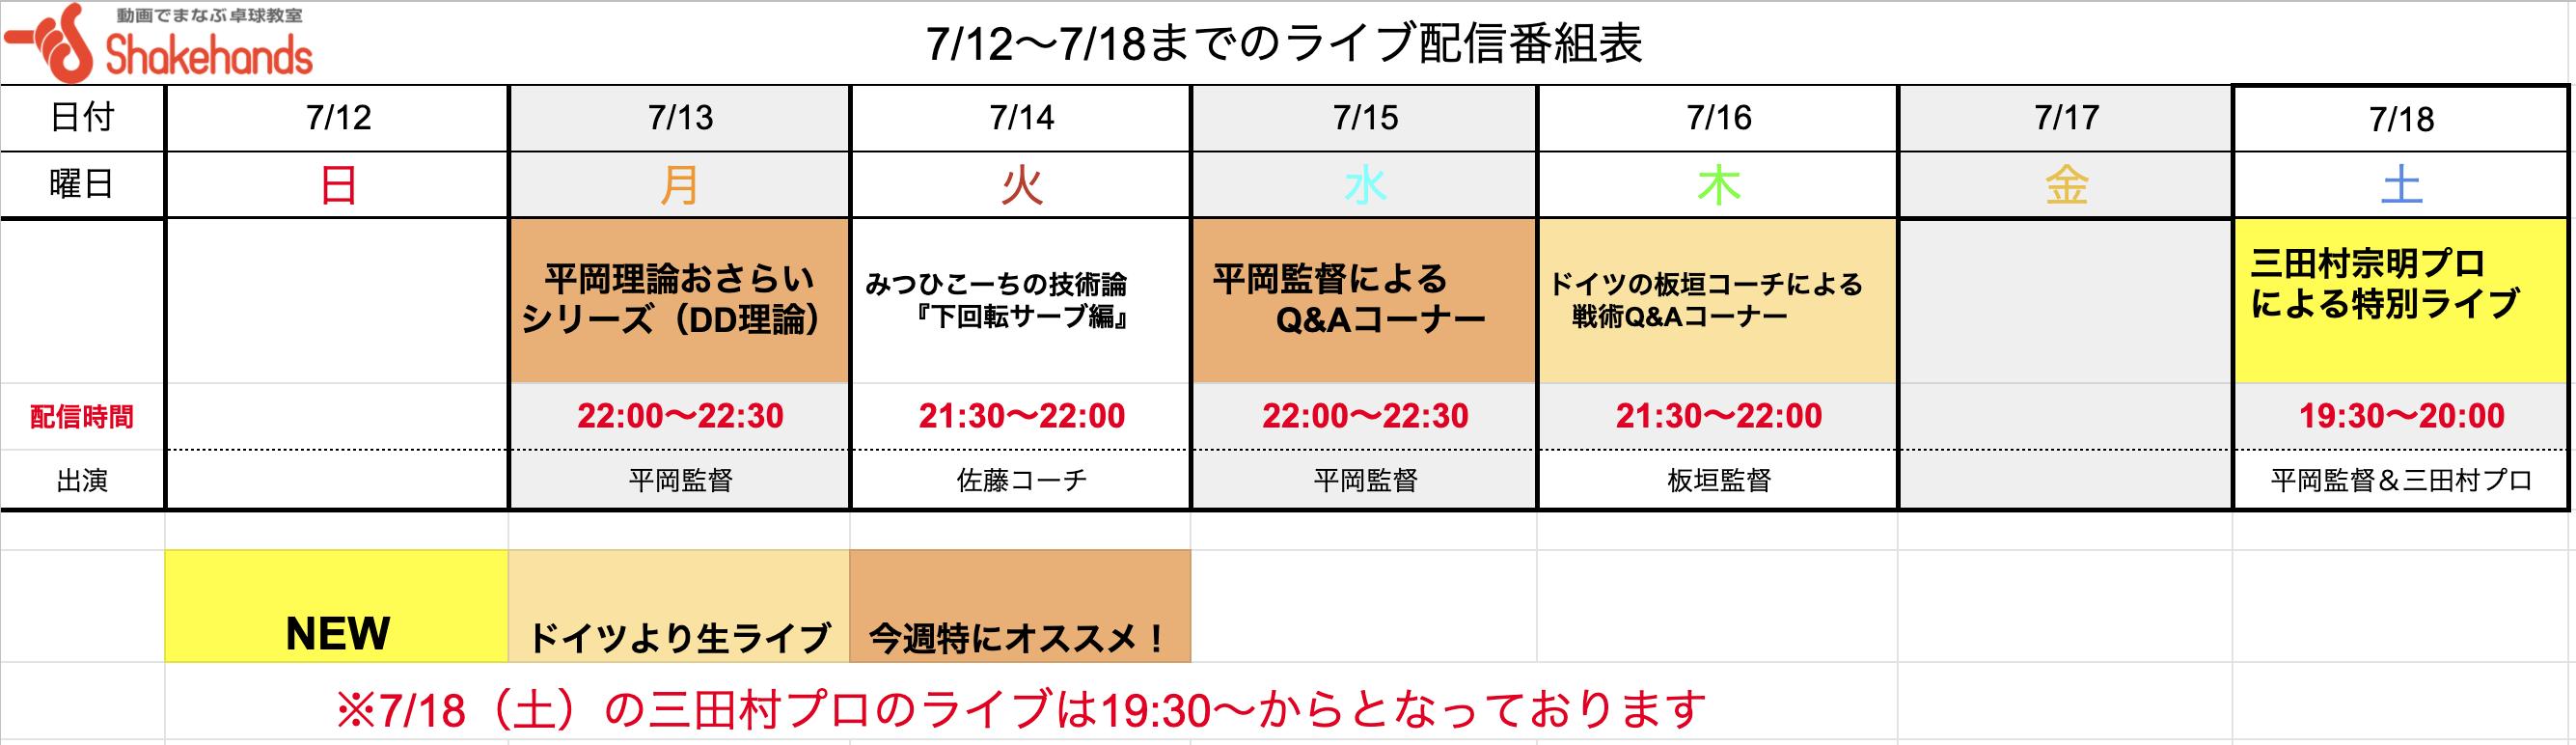 【ライブ番組表まとめ】7/12〜7/18のライブ番組表公開しました!